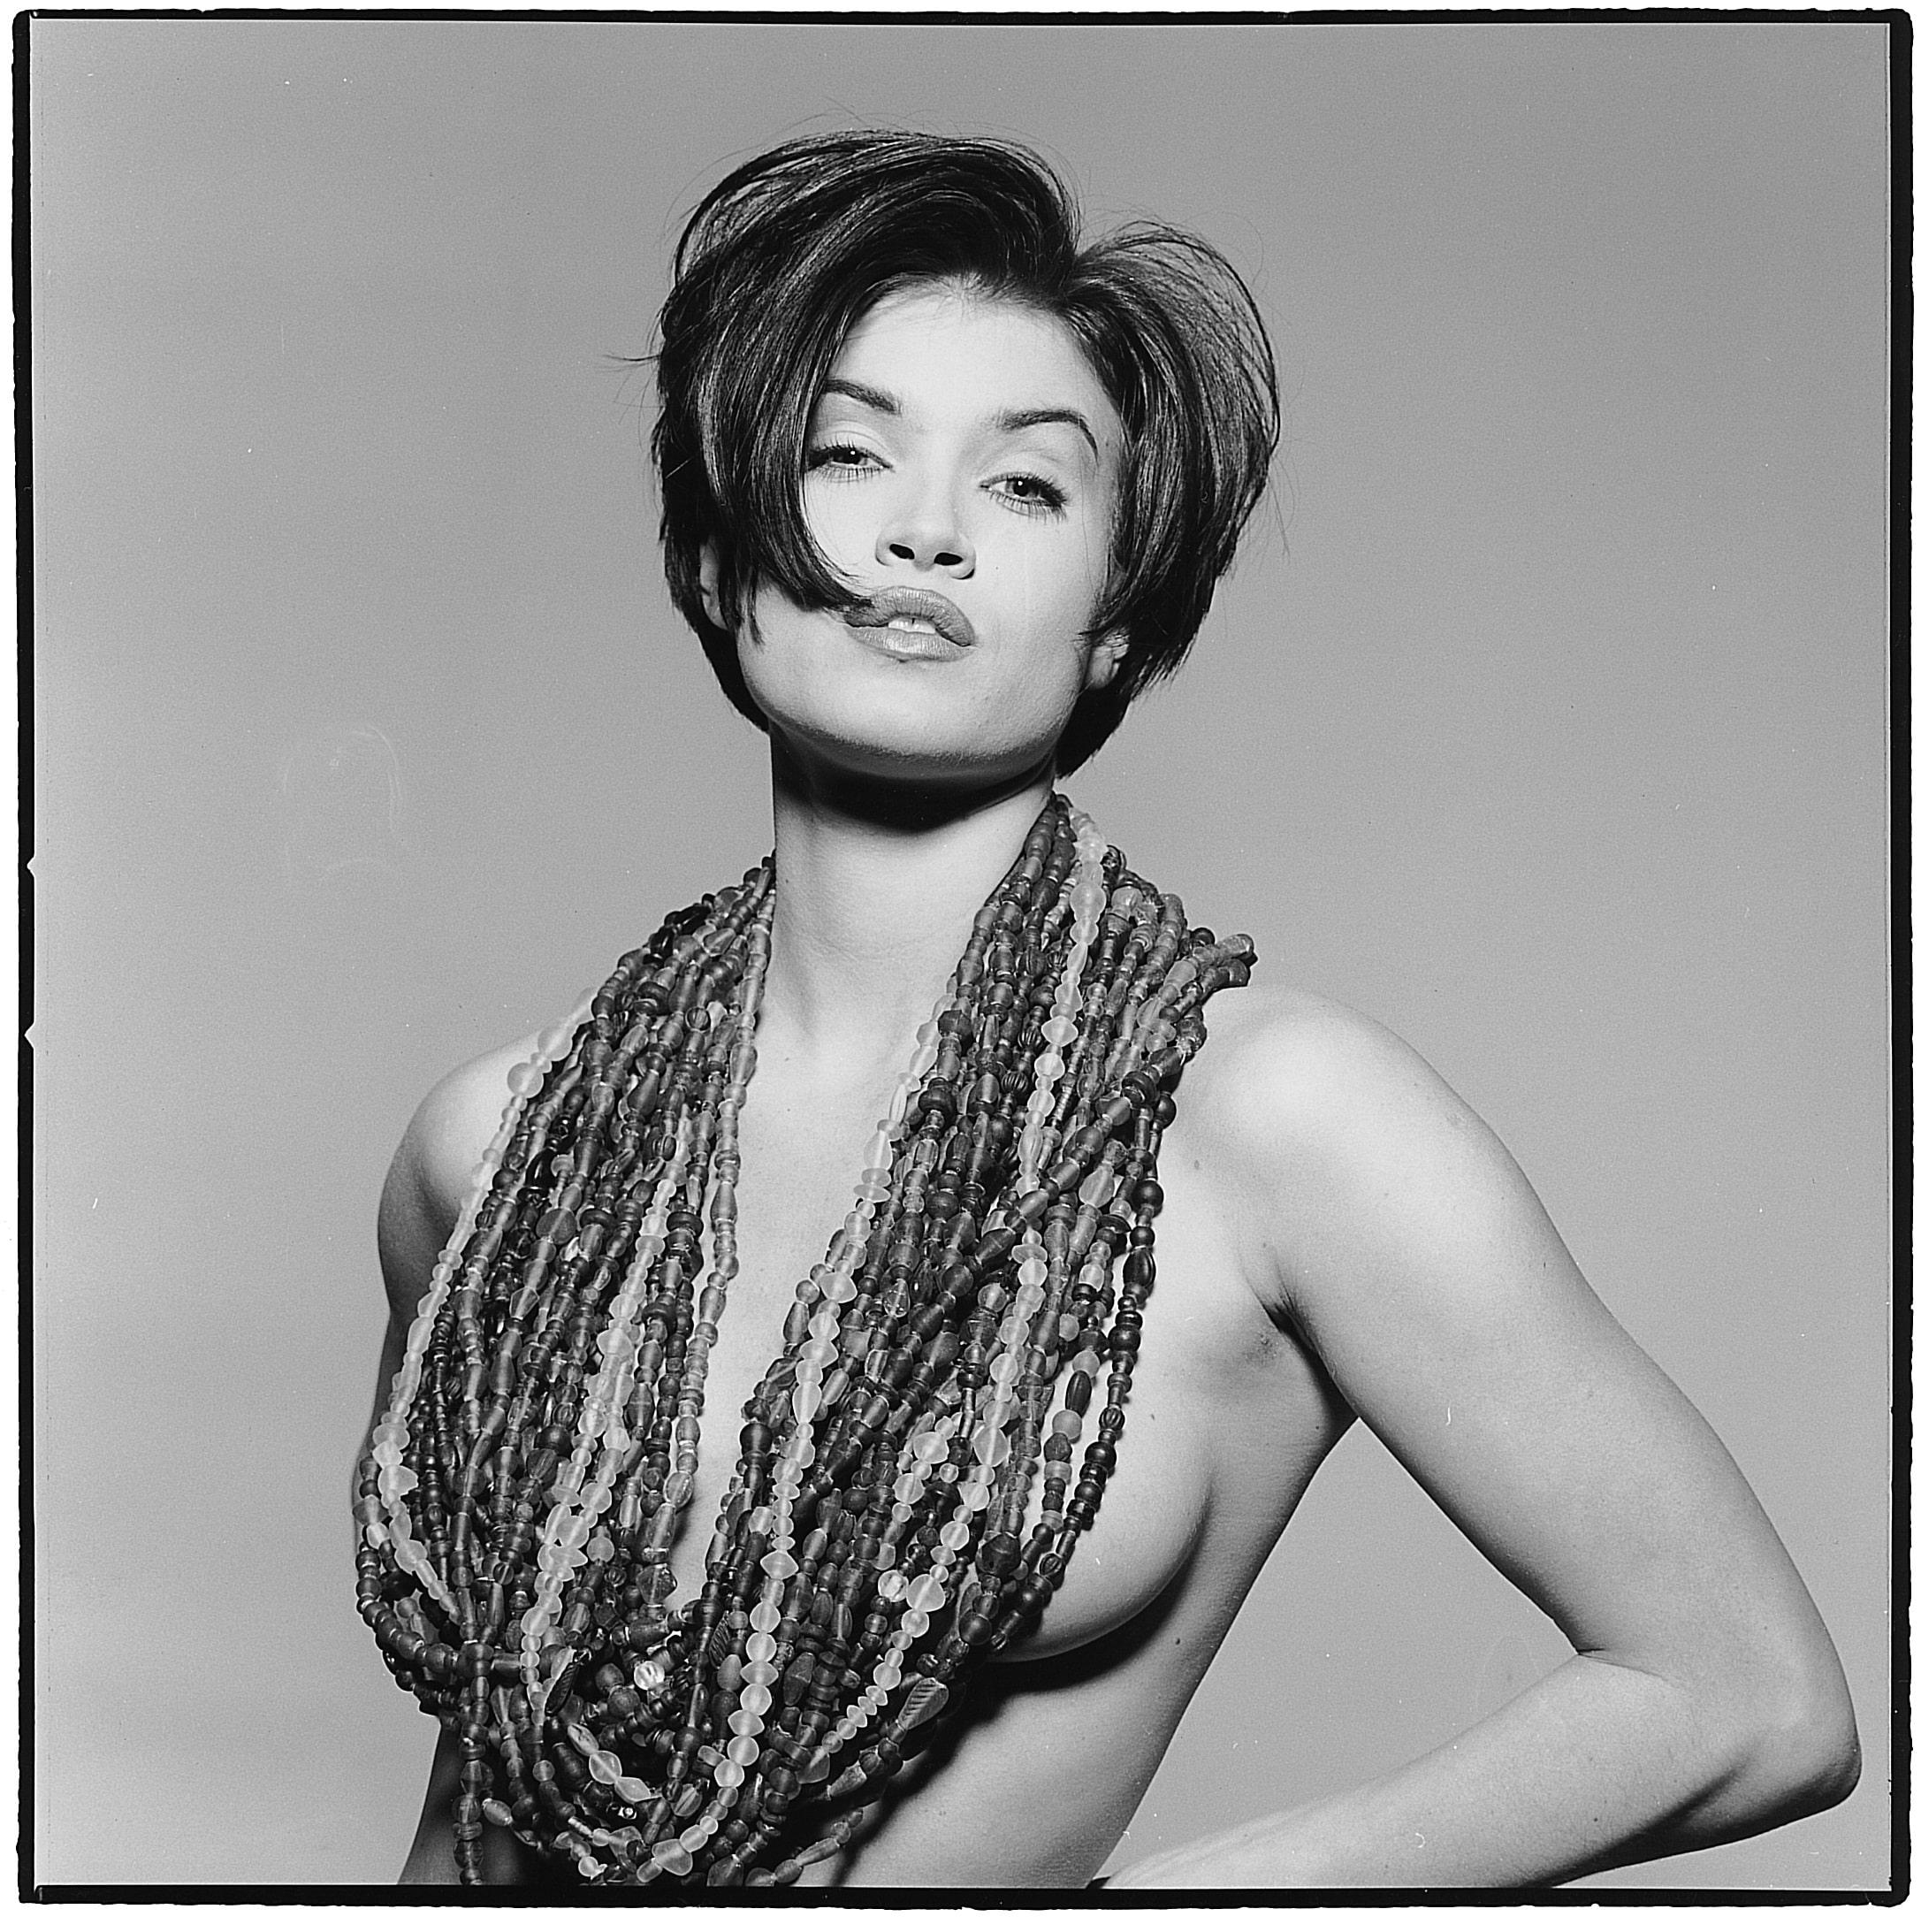 Tidløs og klassisk. I 80'erne var en af tidens stilikoner modellen Anette Toftgård, som senere blev kendt som medvært i tv-blockbusteren 'Husk lige tandbørsten'. Her har Jan klippet hende i klassisk page sat op til narrestreger.